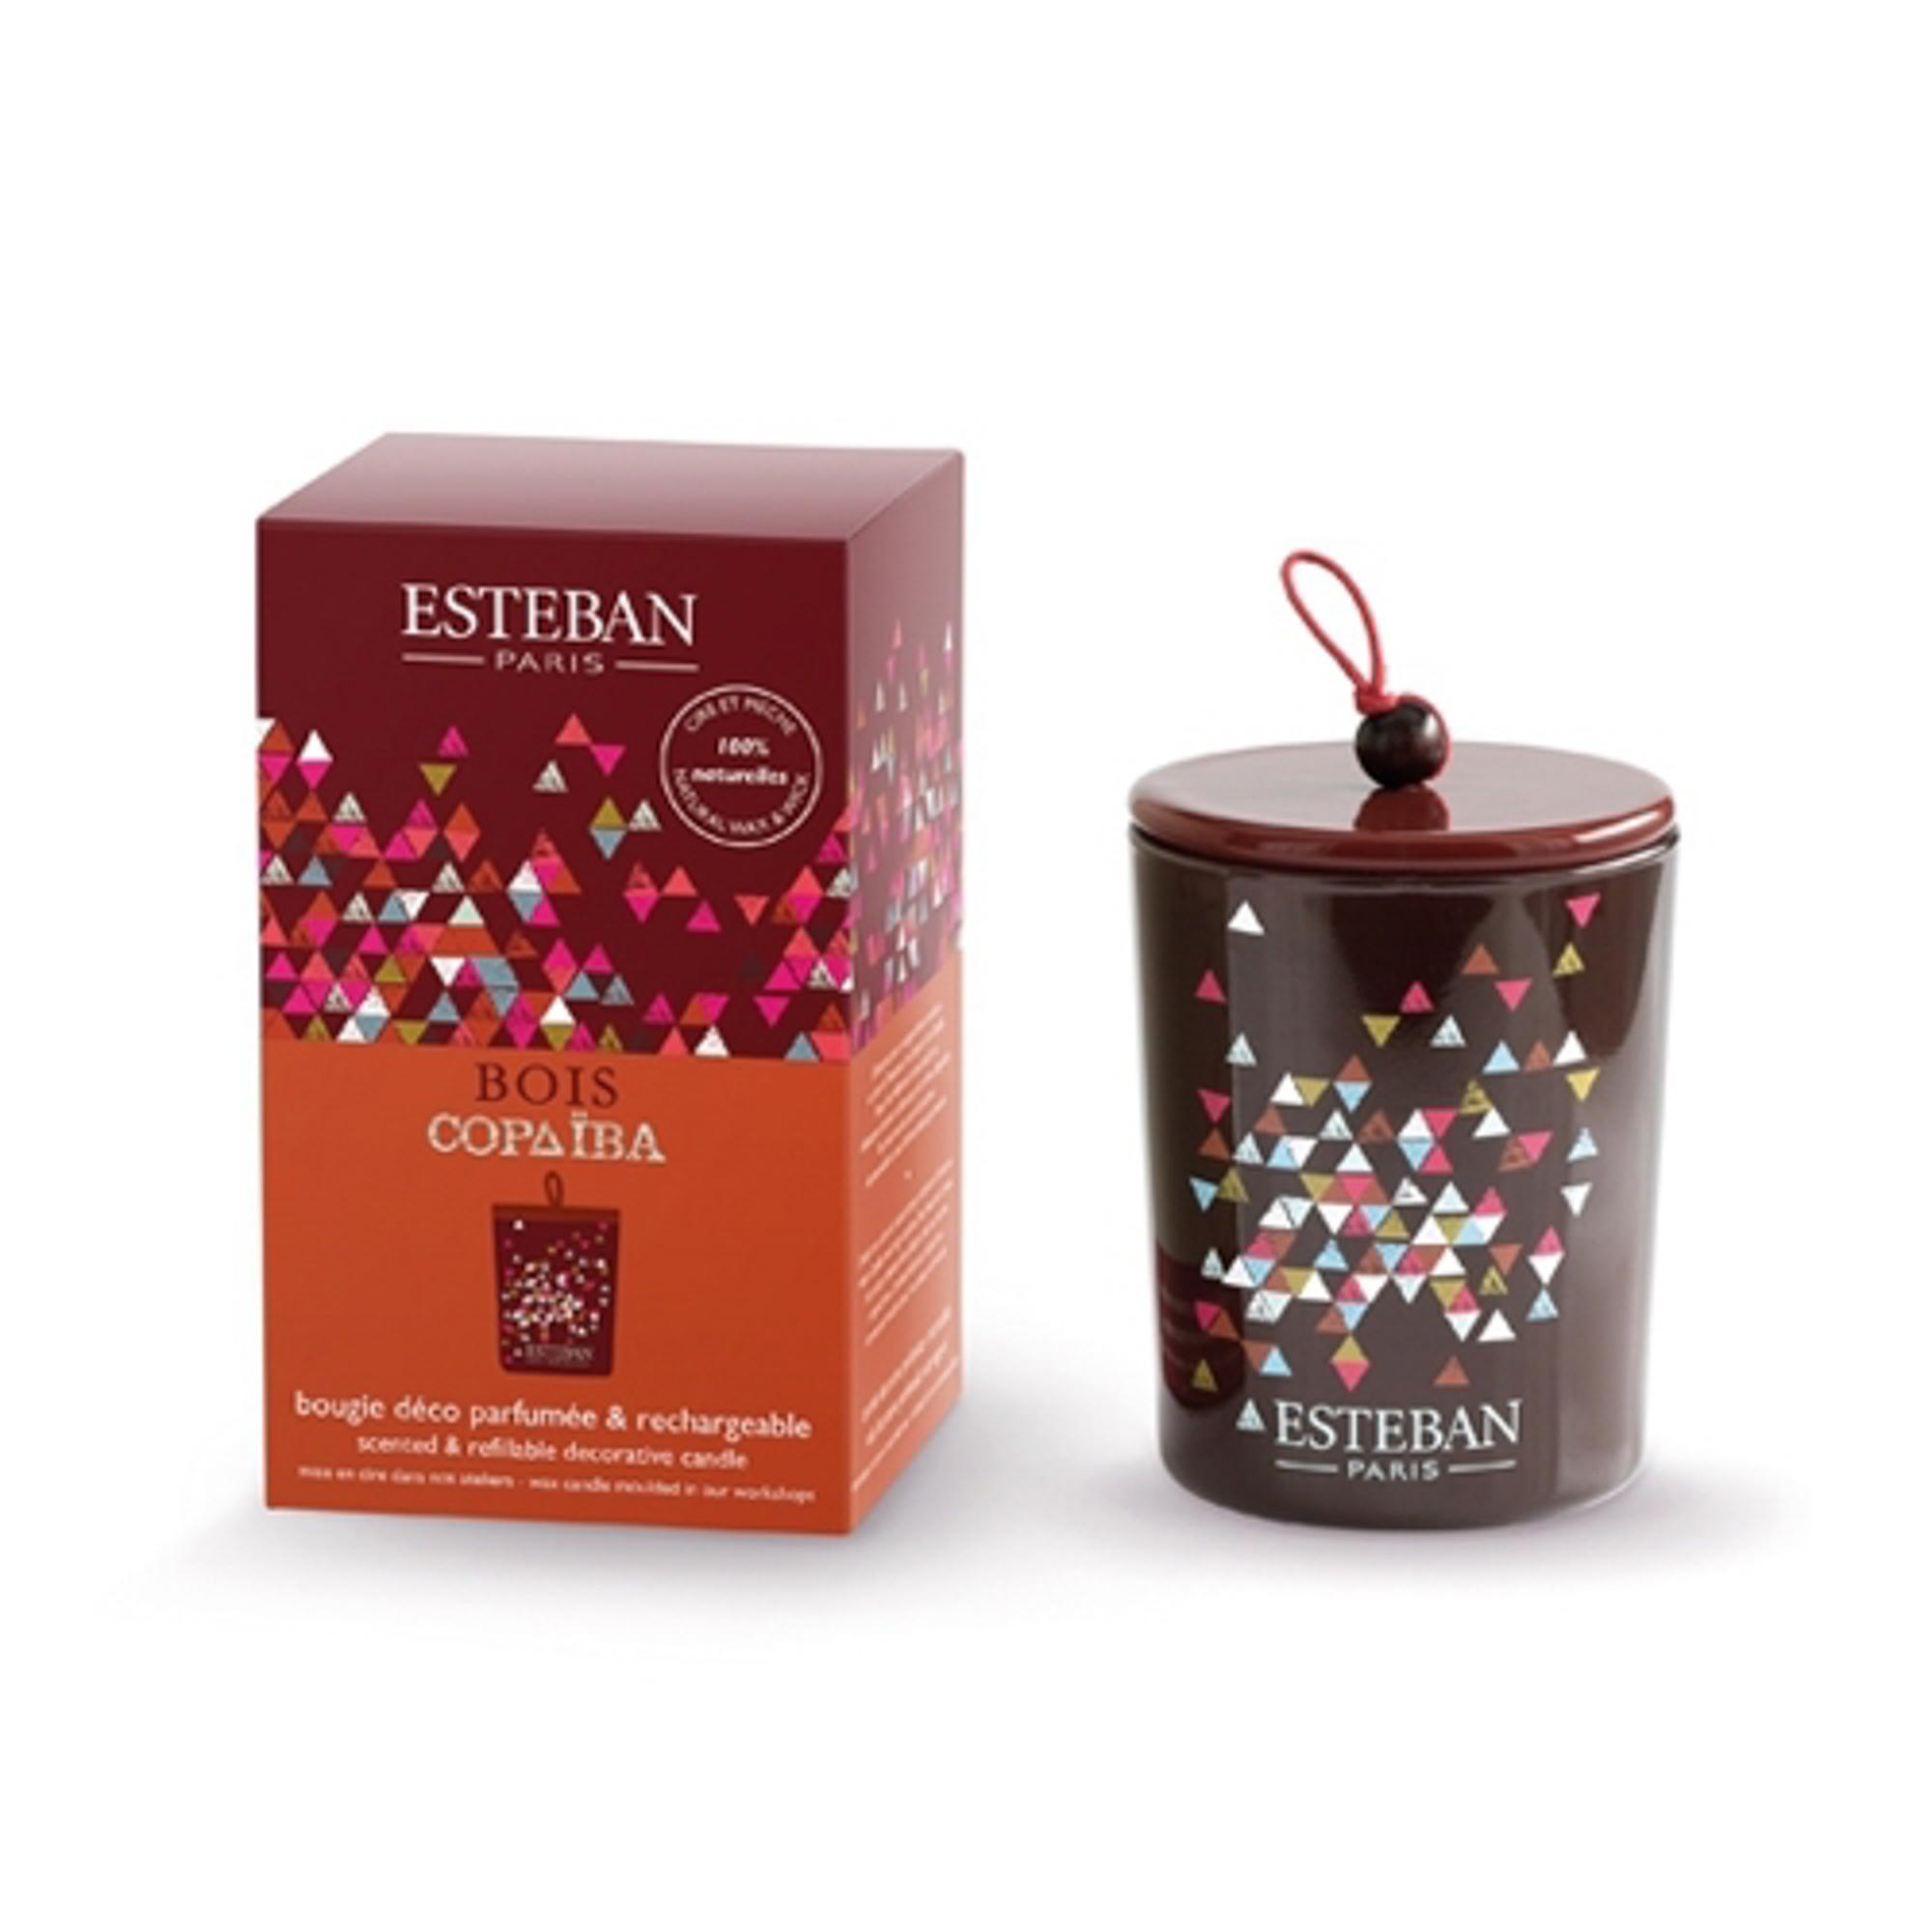 Ароматическая свеча Esteban Дерево копайба 170 г